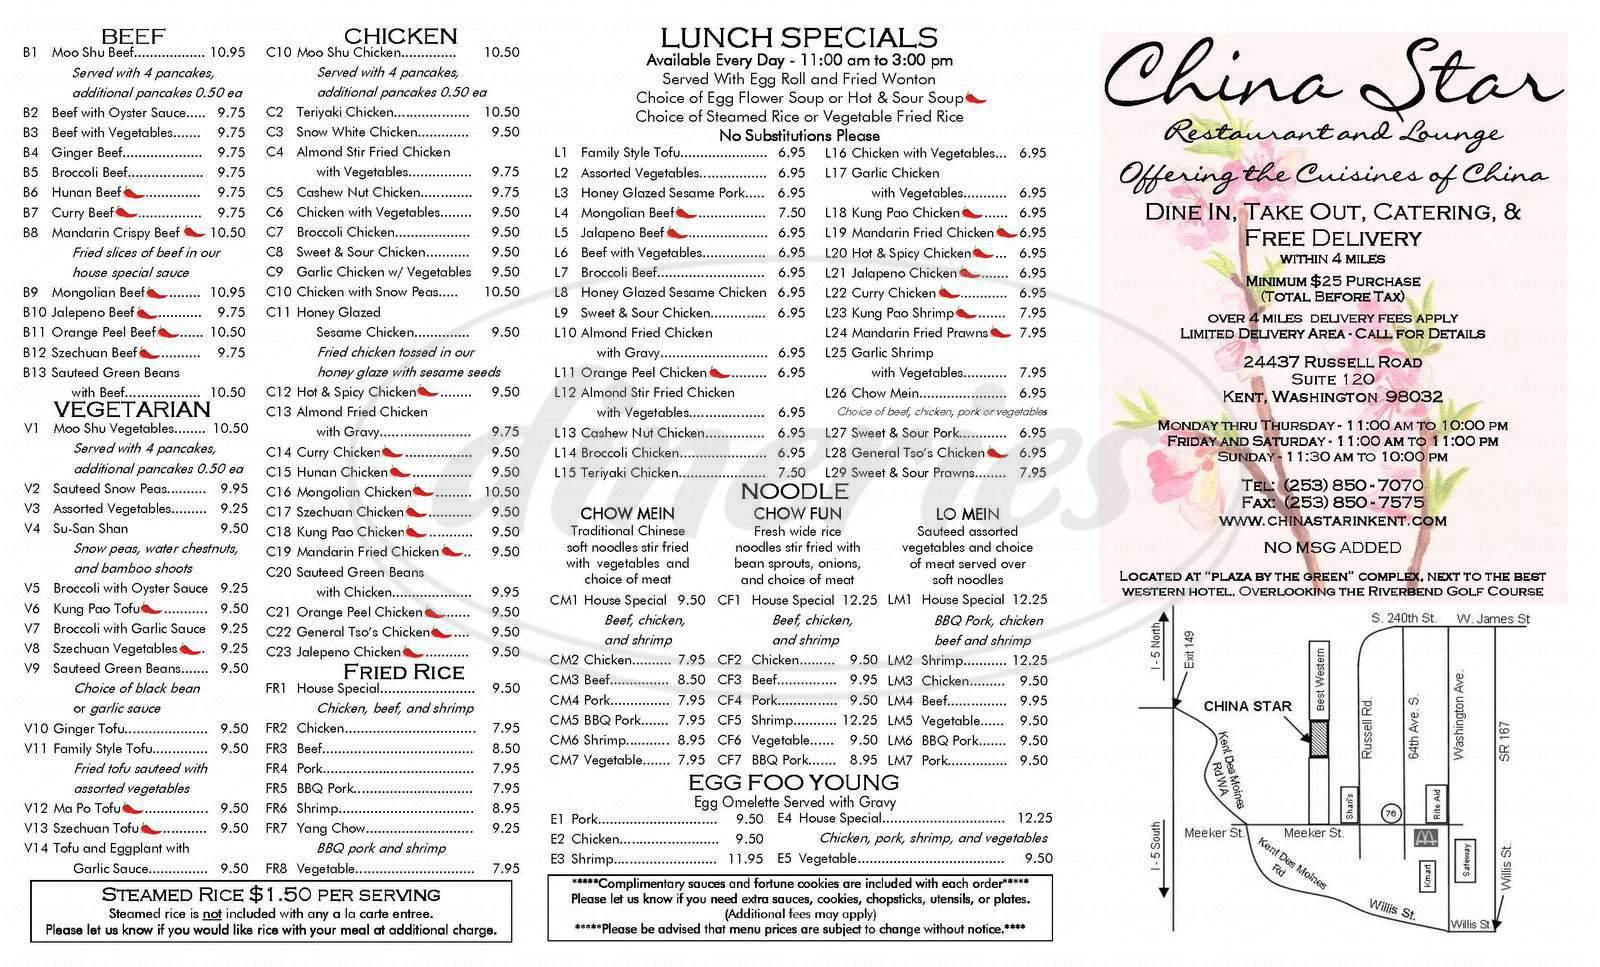 menu for China Star